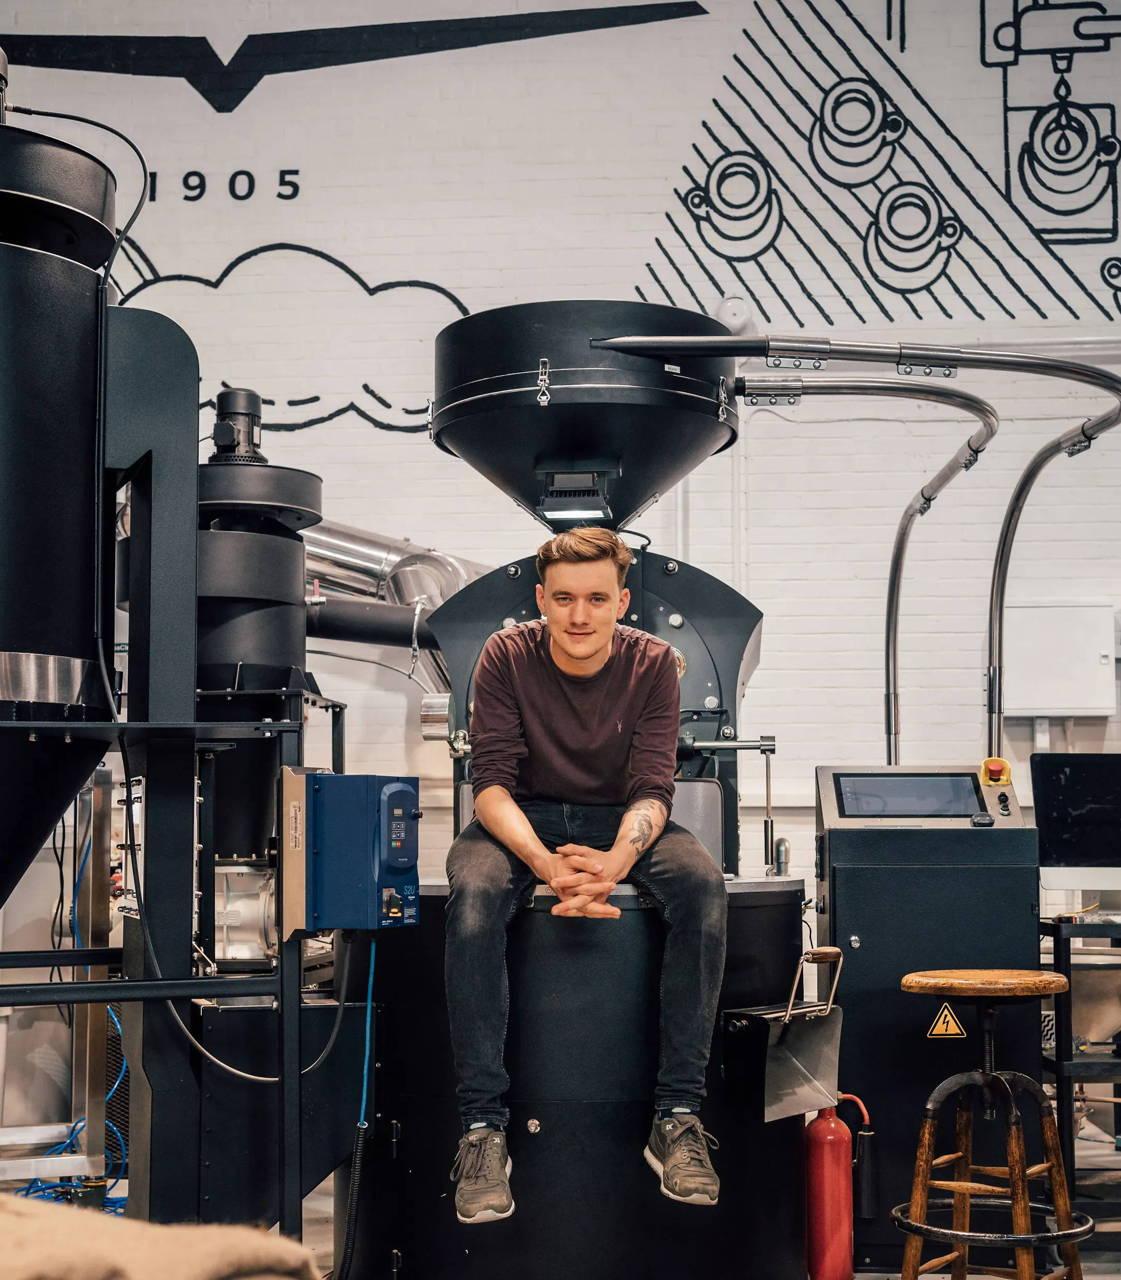 DAK coffee roasters